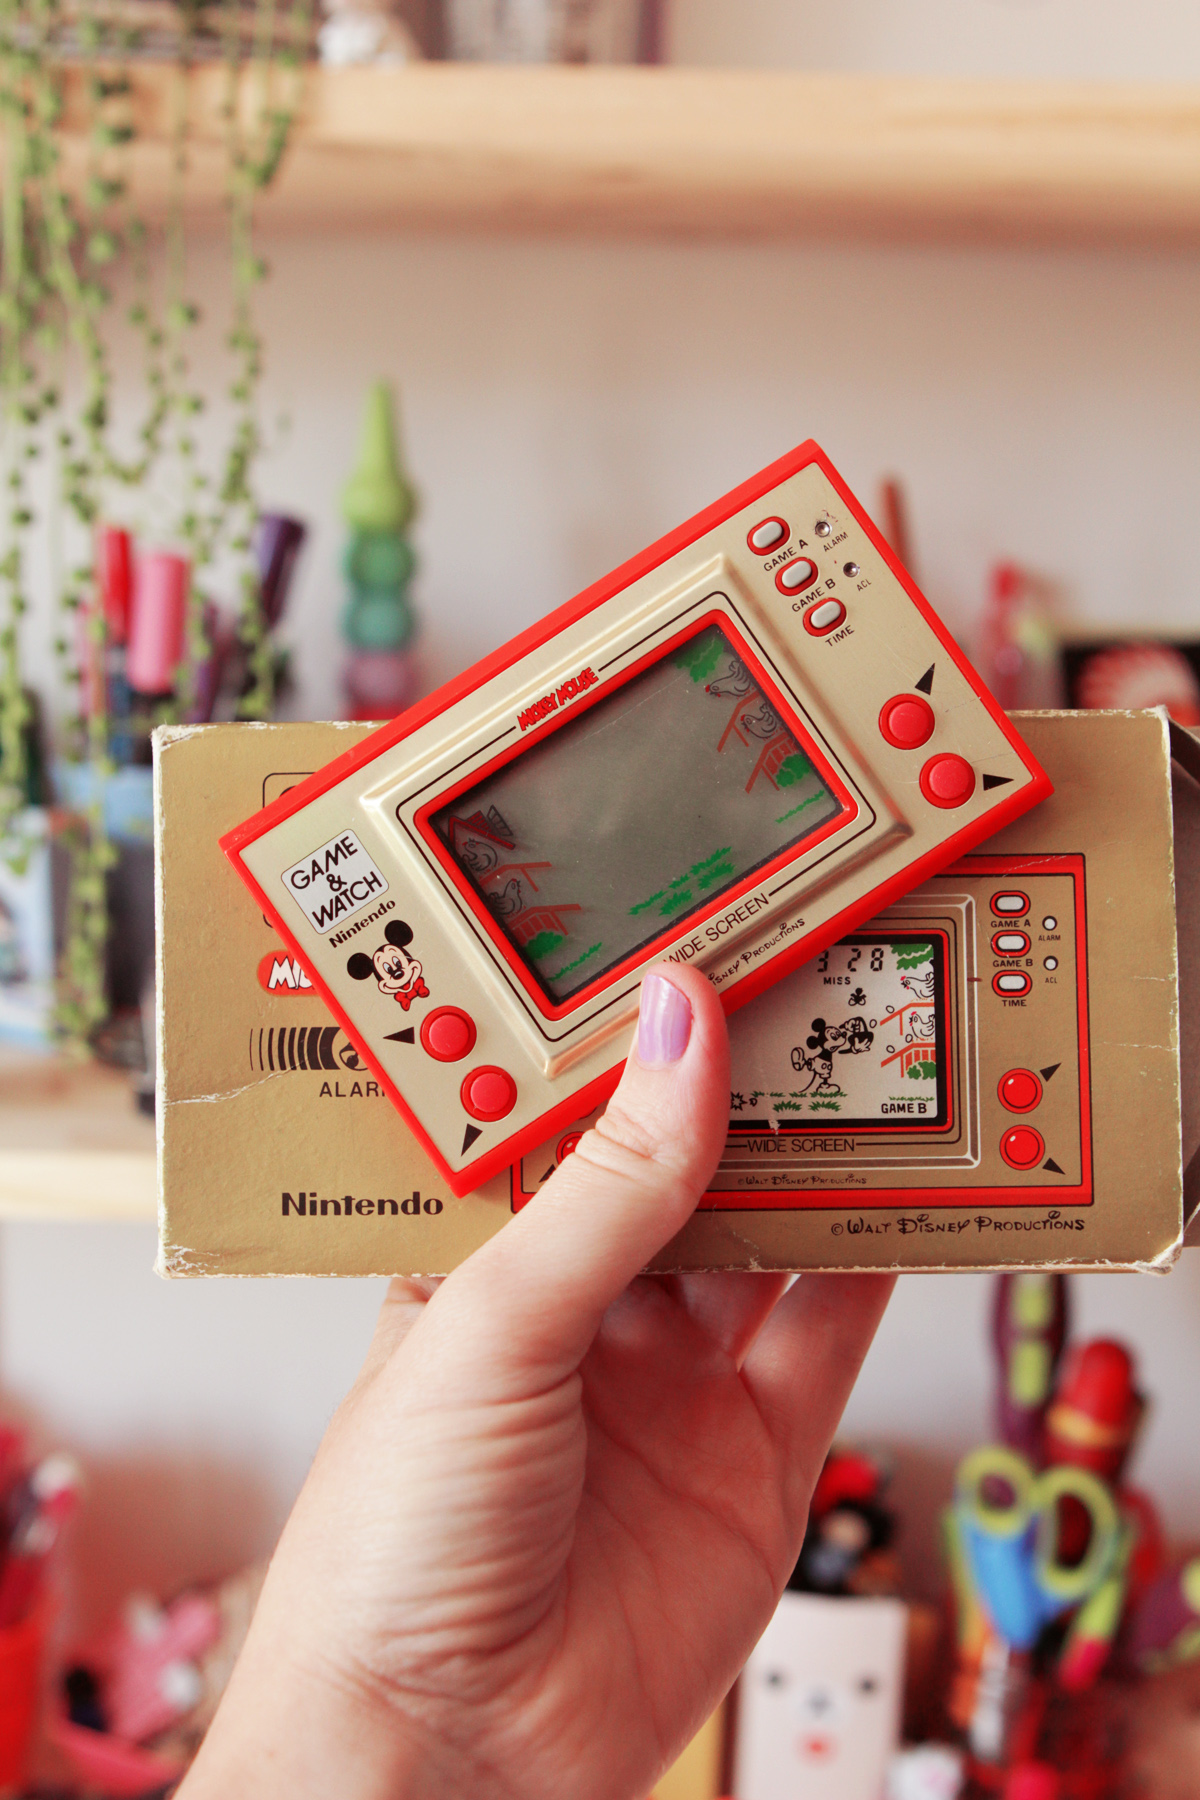 retro-gaming